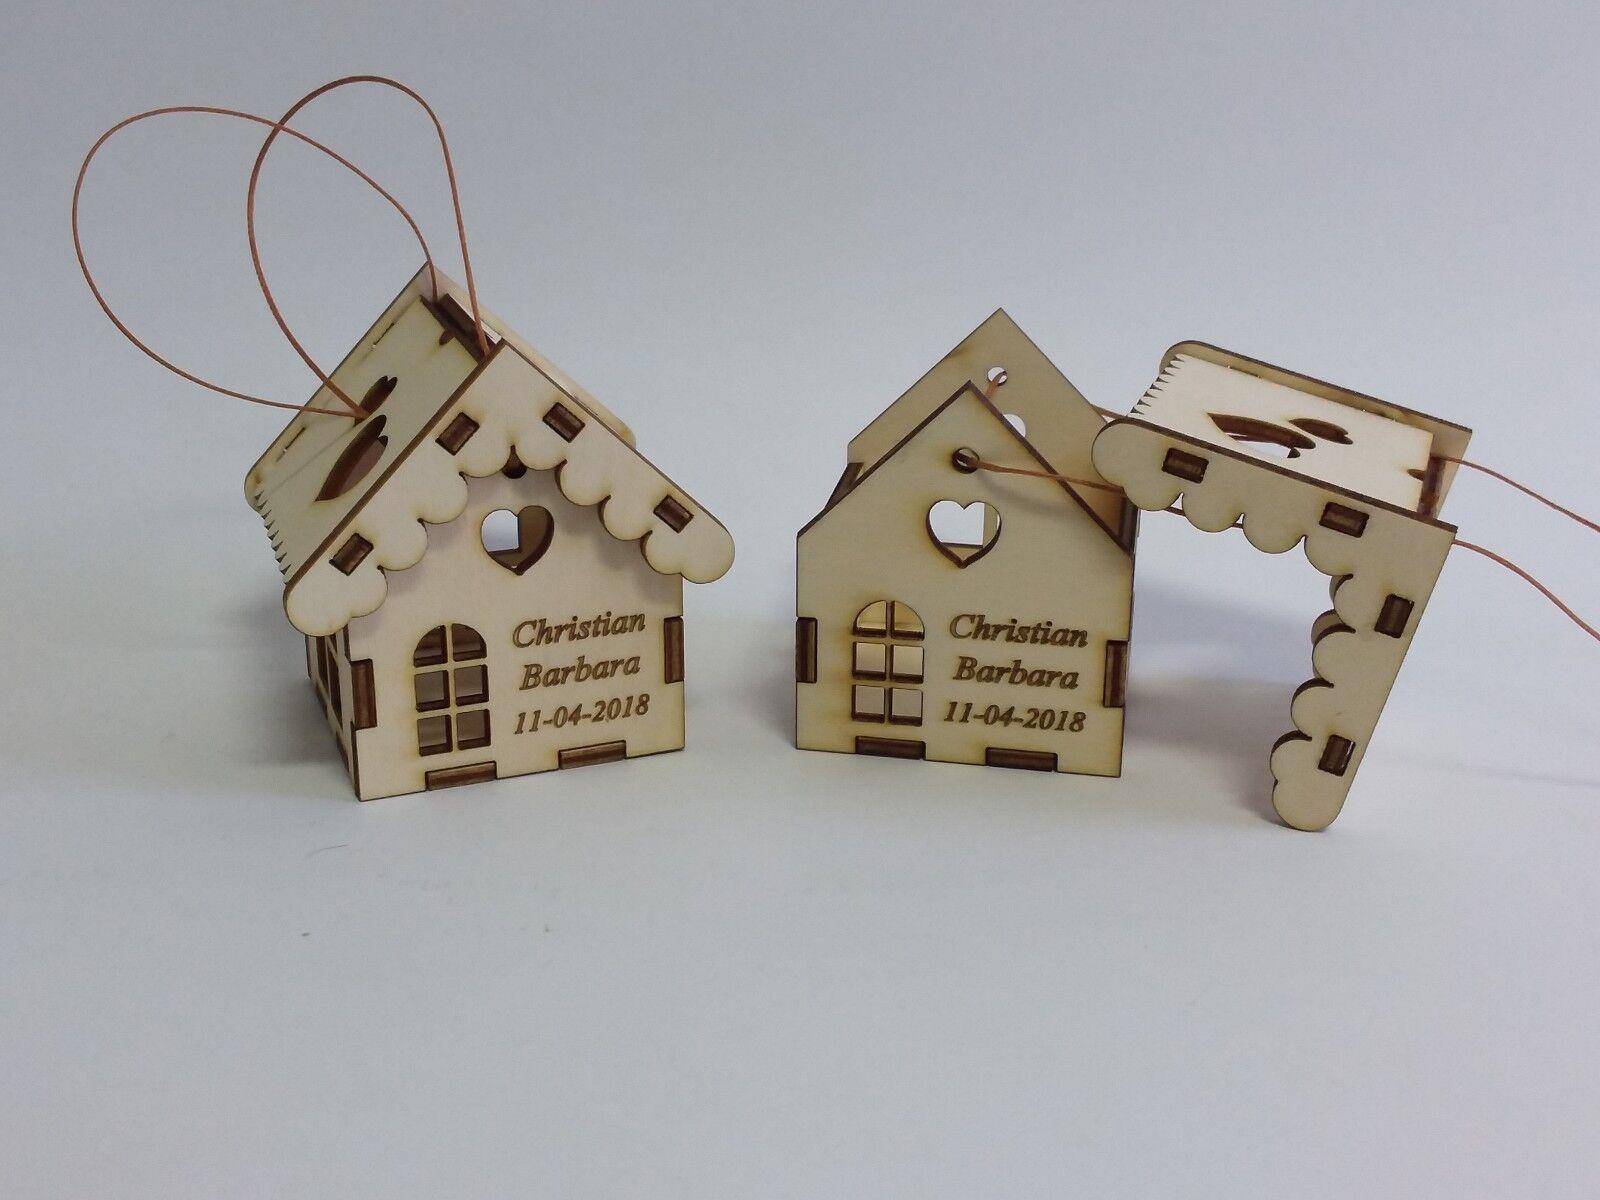 Bomboniera Bomboniera Bomboniera casetta portaconfetti 6x6x6,5cm personalizzata con nomi e data legno cee146